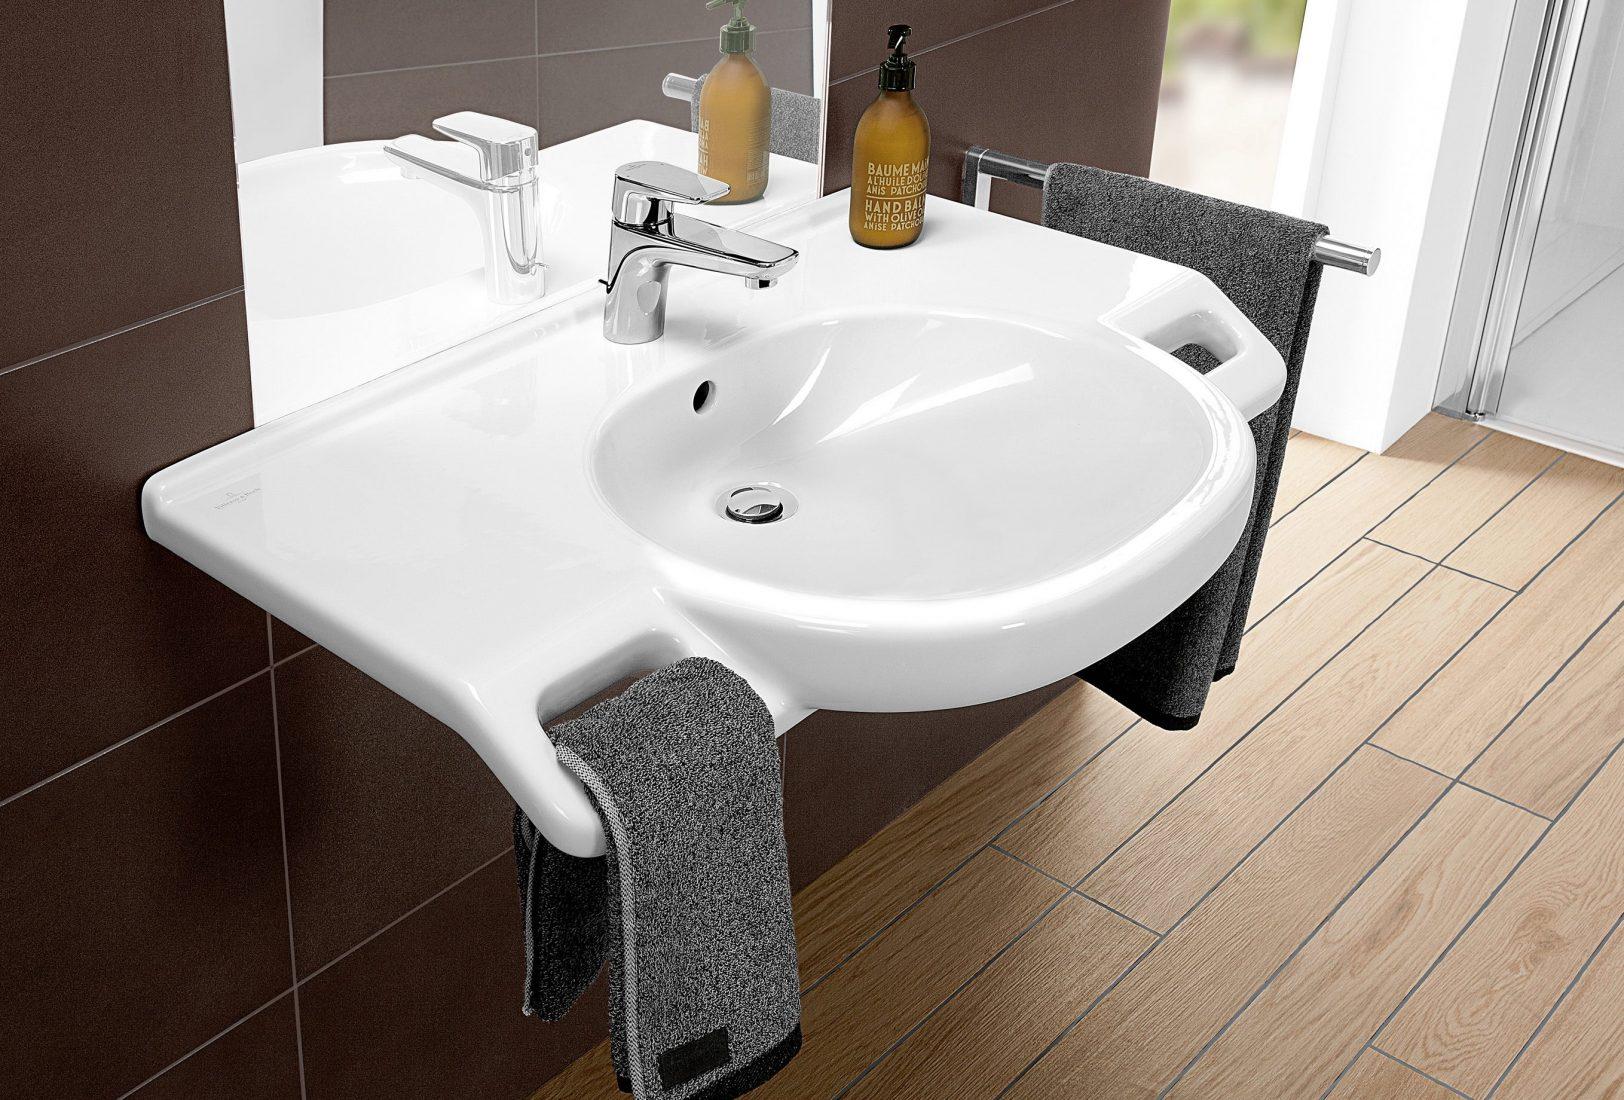 Universal Design im Bad: Waschtisch (unterfahrbar) mit Haltegriffen. Foto: Villeroy & Boch